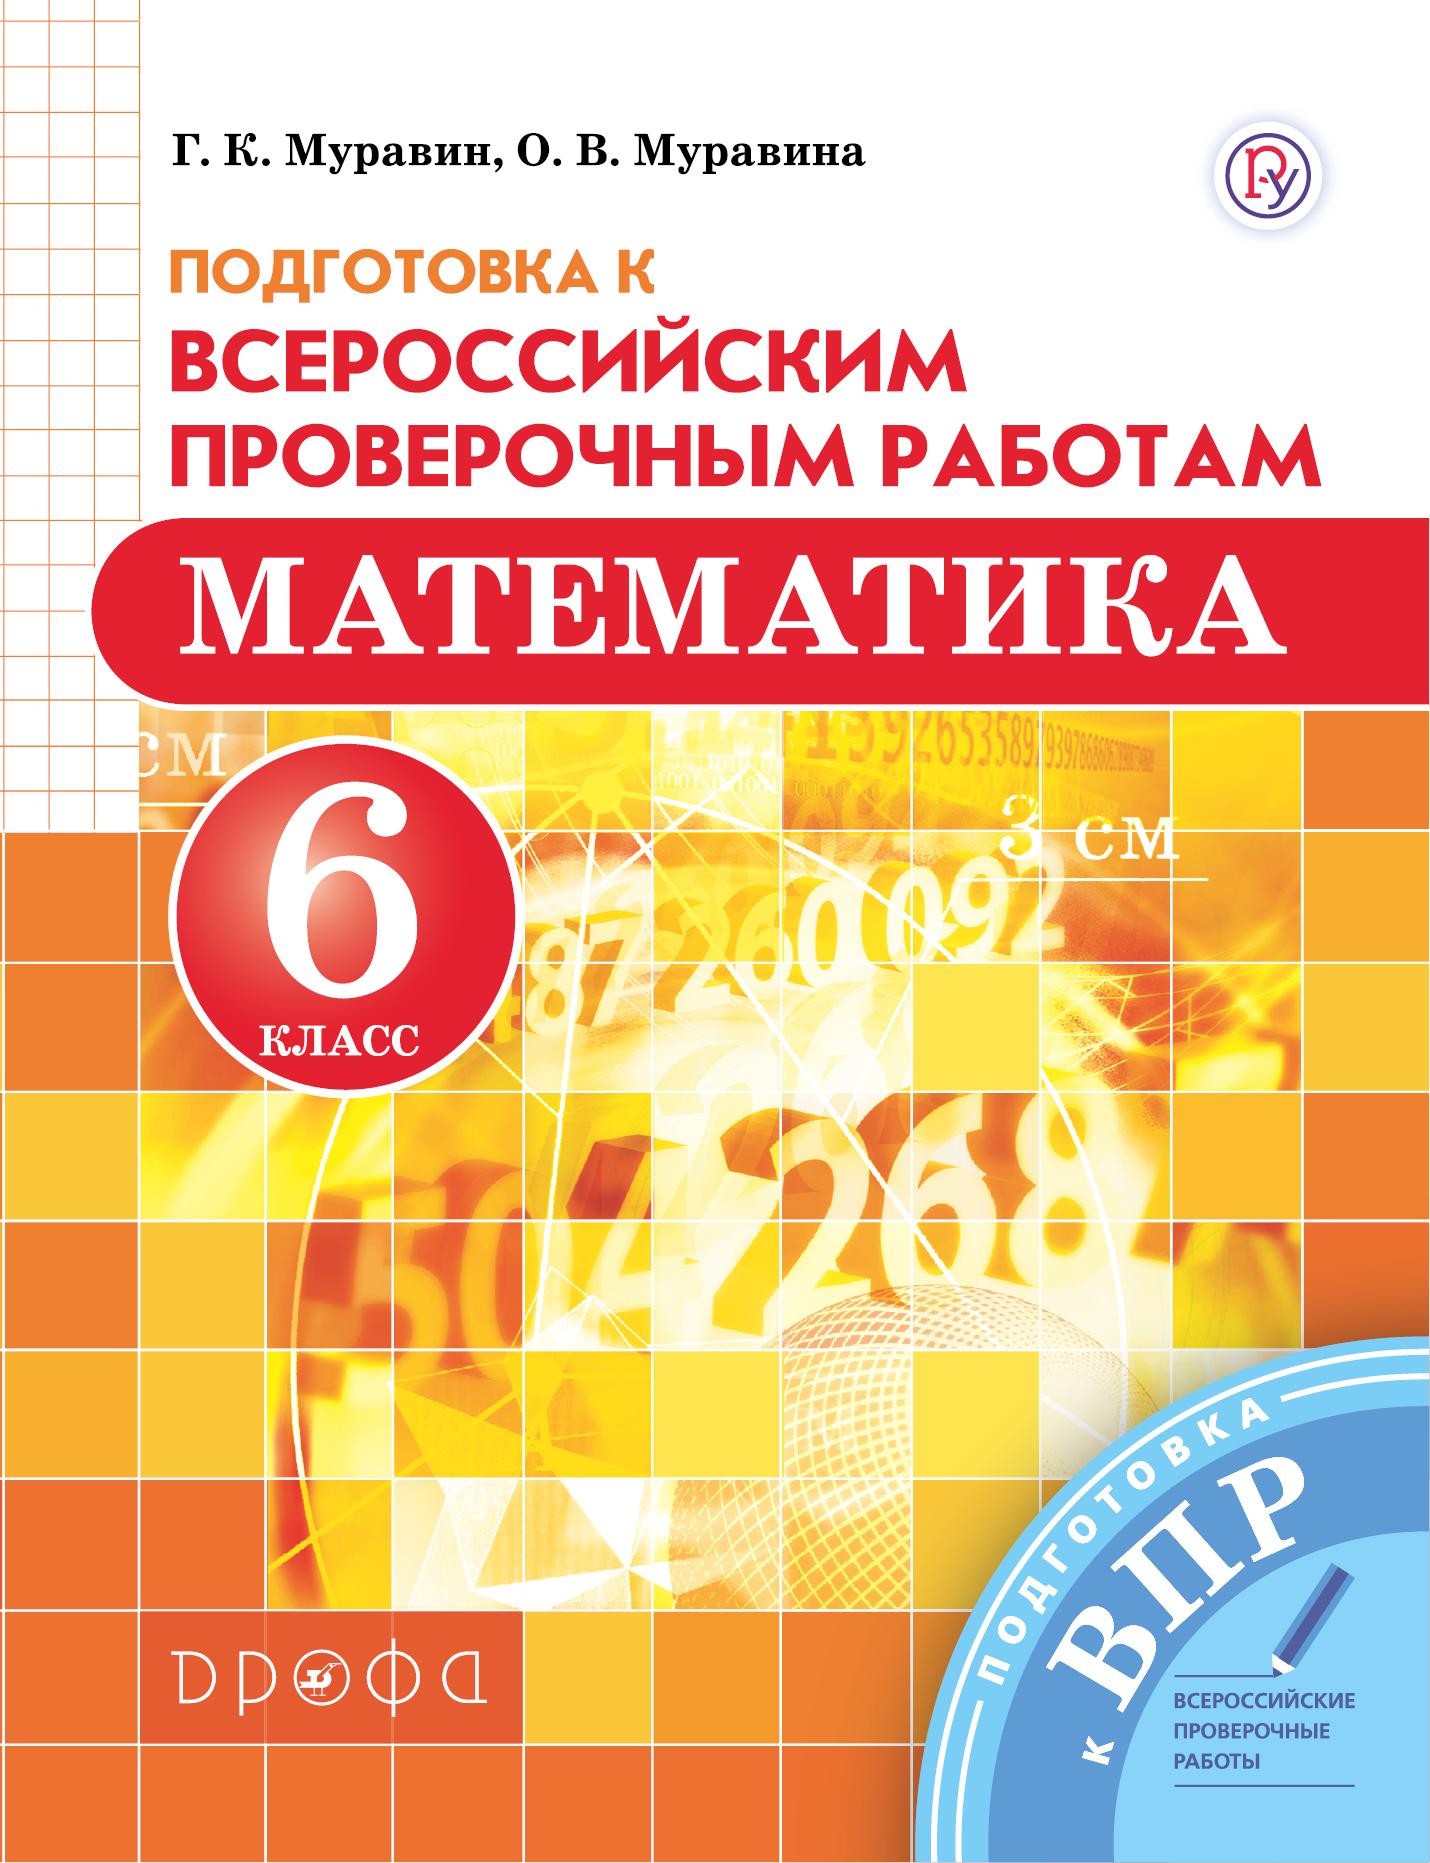 Муравин Г.К., Муравина О.В. Математика. 6 класс. Всероссийские проверочные работы. тд феникс всероссийские проверочные работы математика 4 класс кучук о в